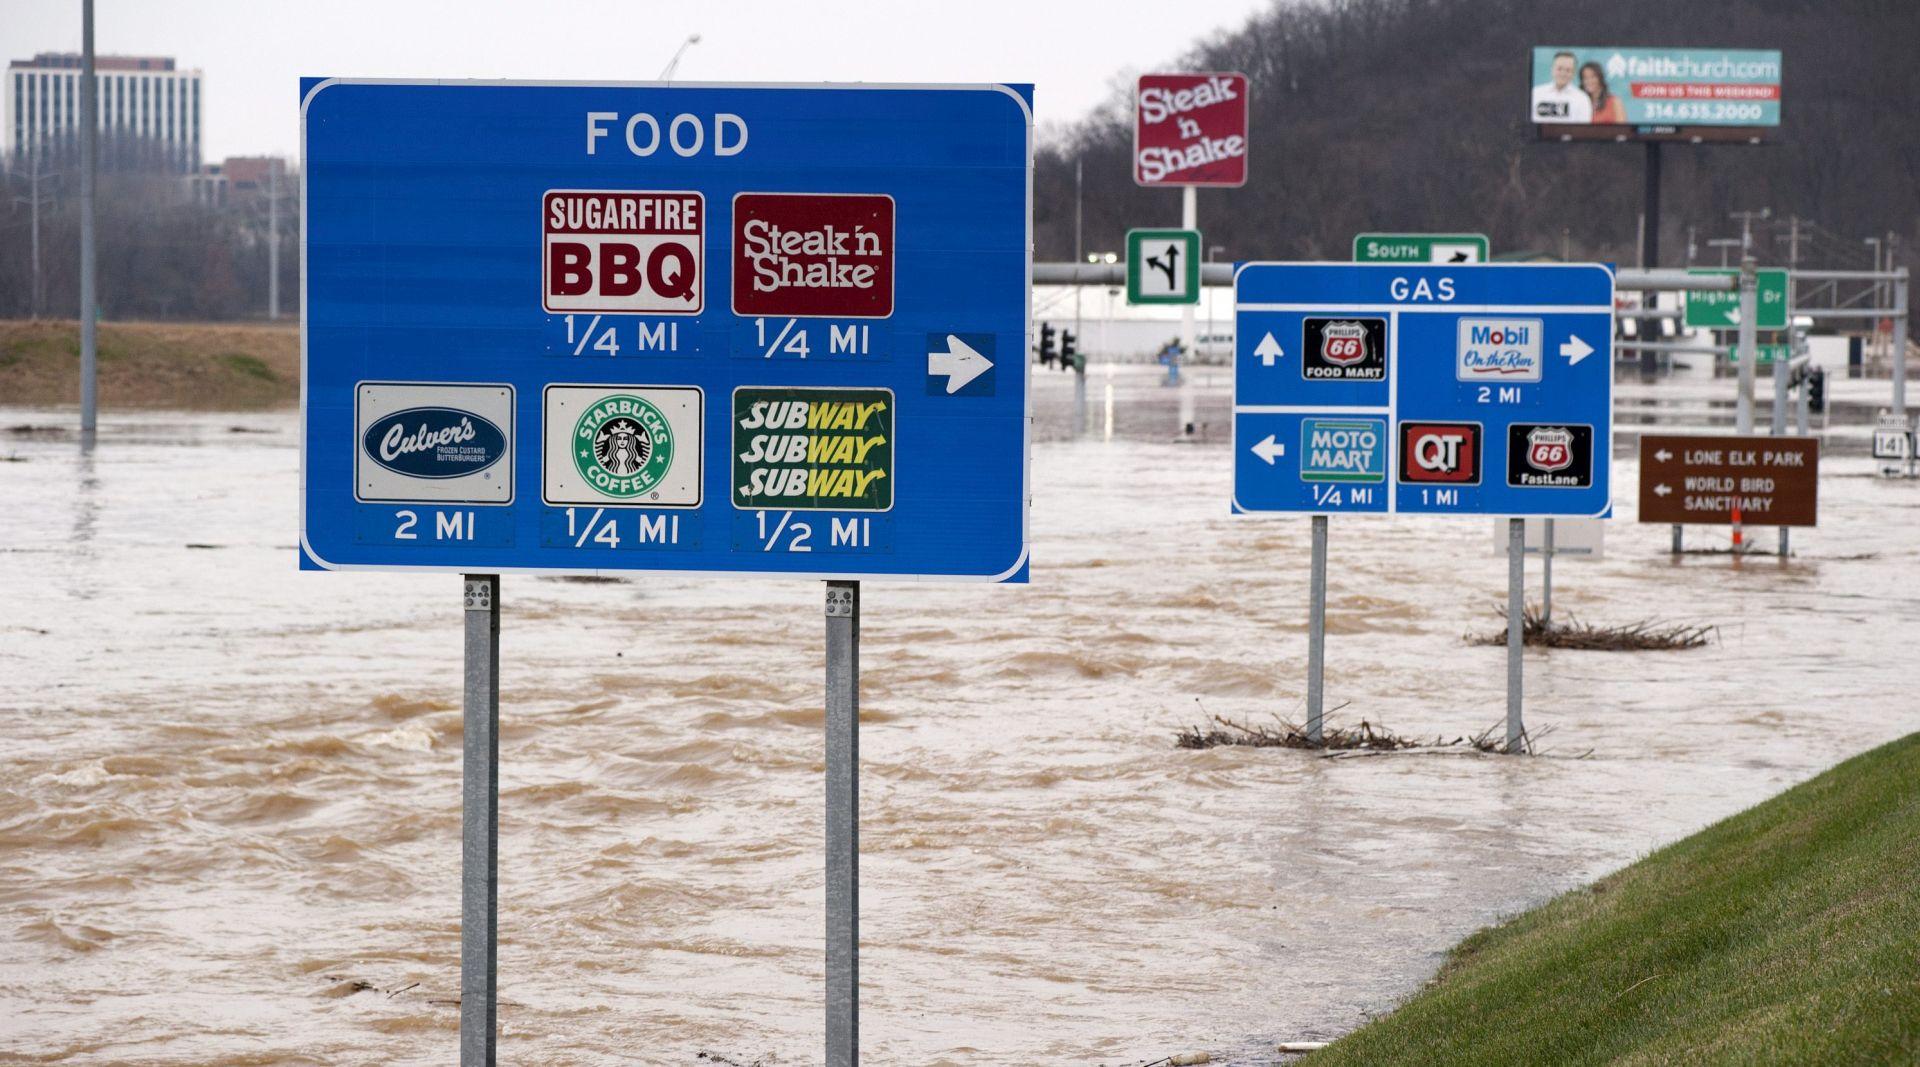 VREMENSKE NEPOGODE: Poplave u središnjoj Americi, vodostaj rijeka i dalje u porastu